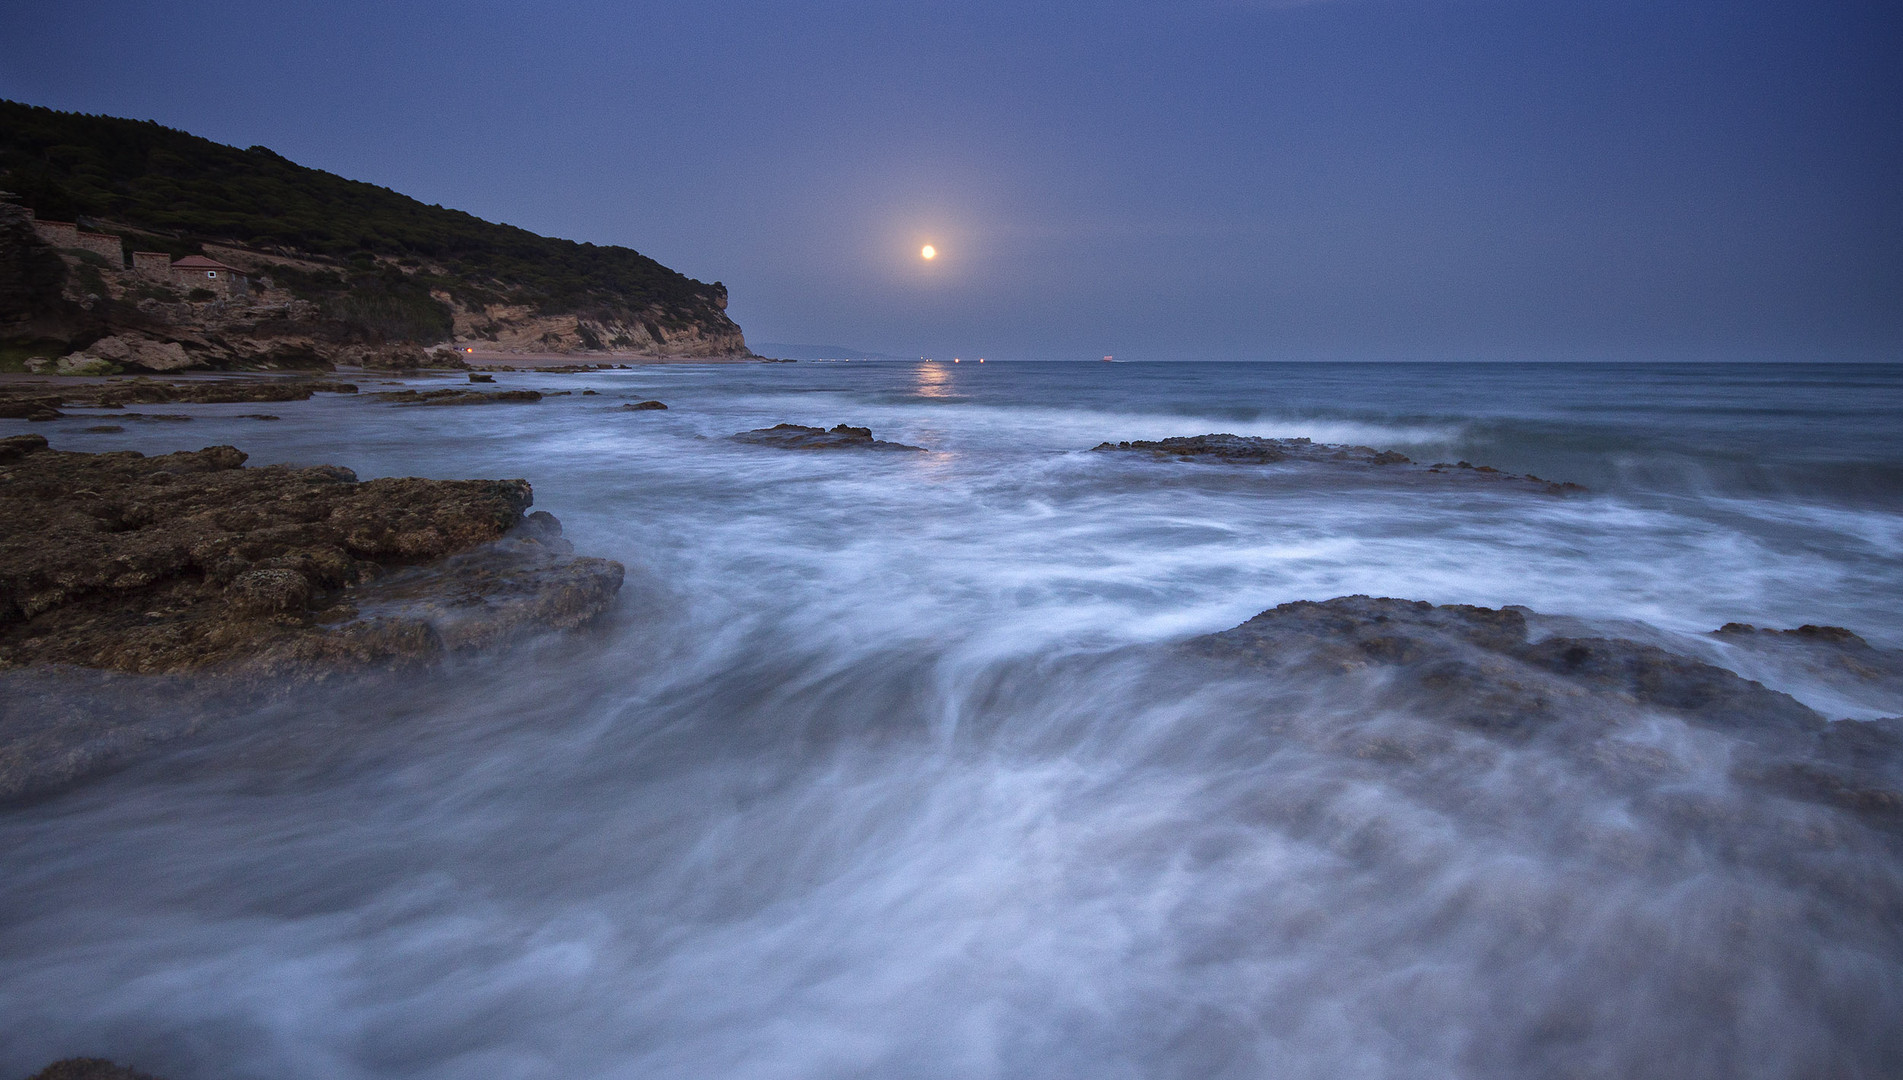 La playa de Caños a la luz de la luna (II)